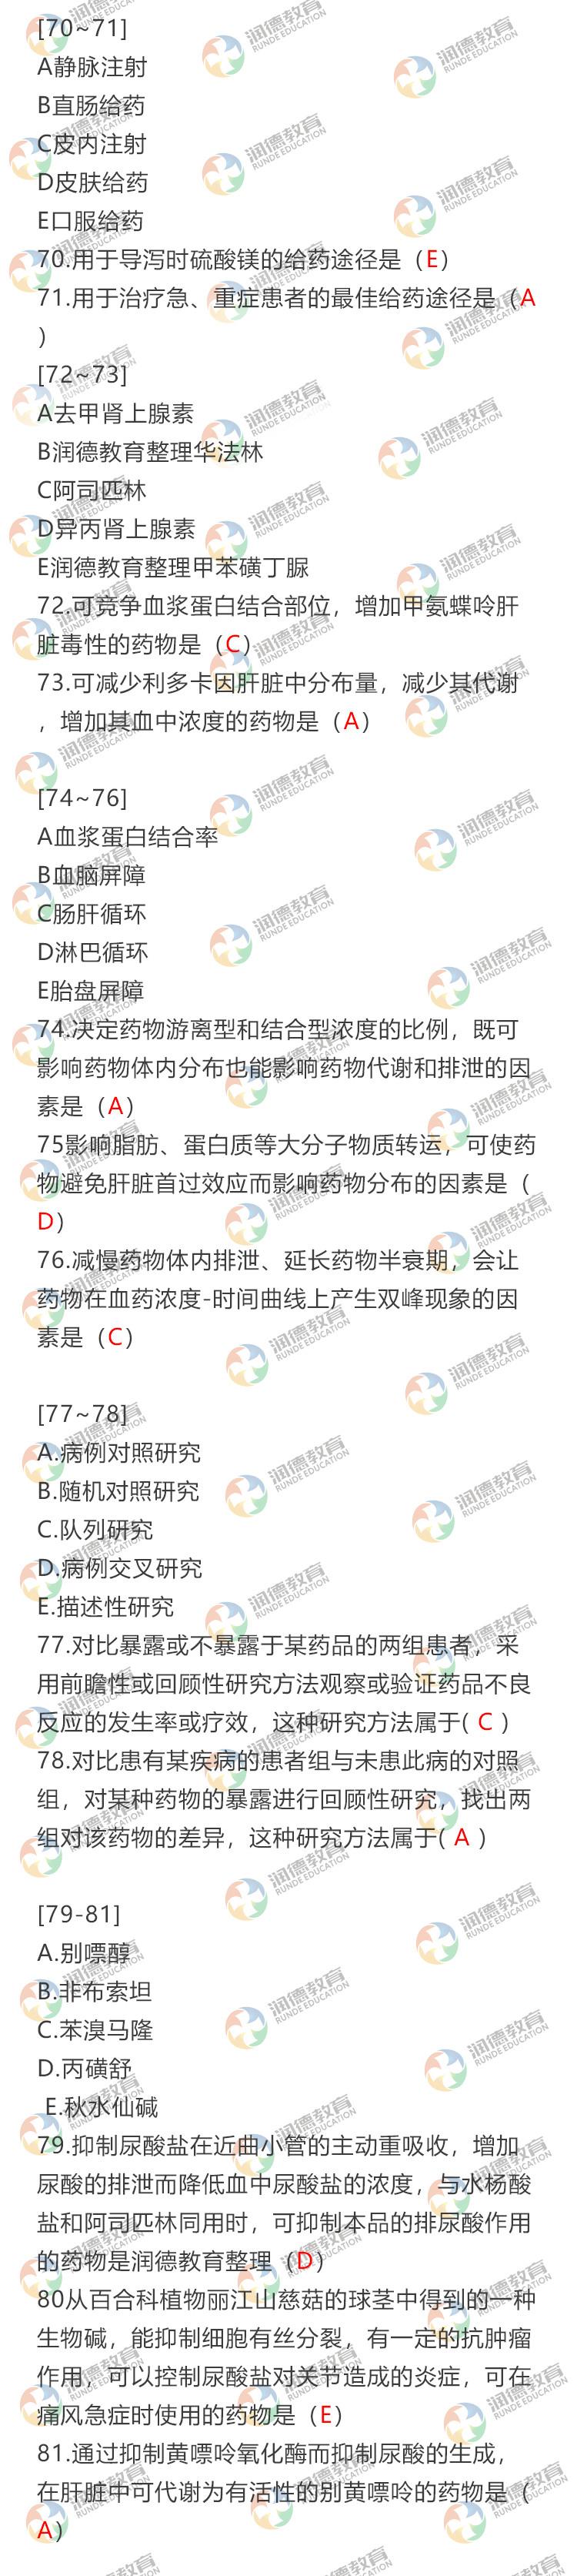 执业药师资格考试西药一61-70.jpg